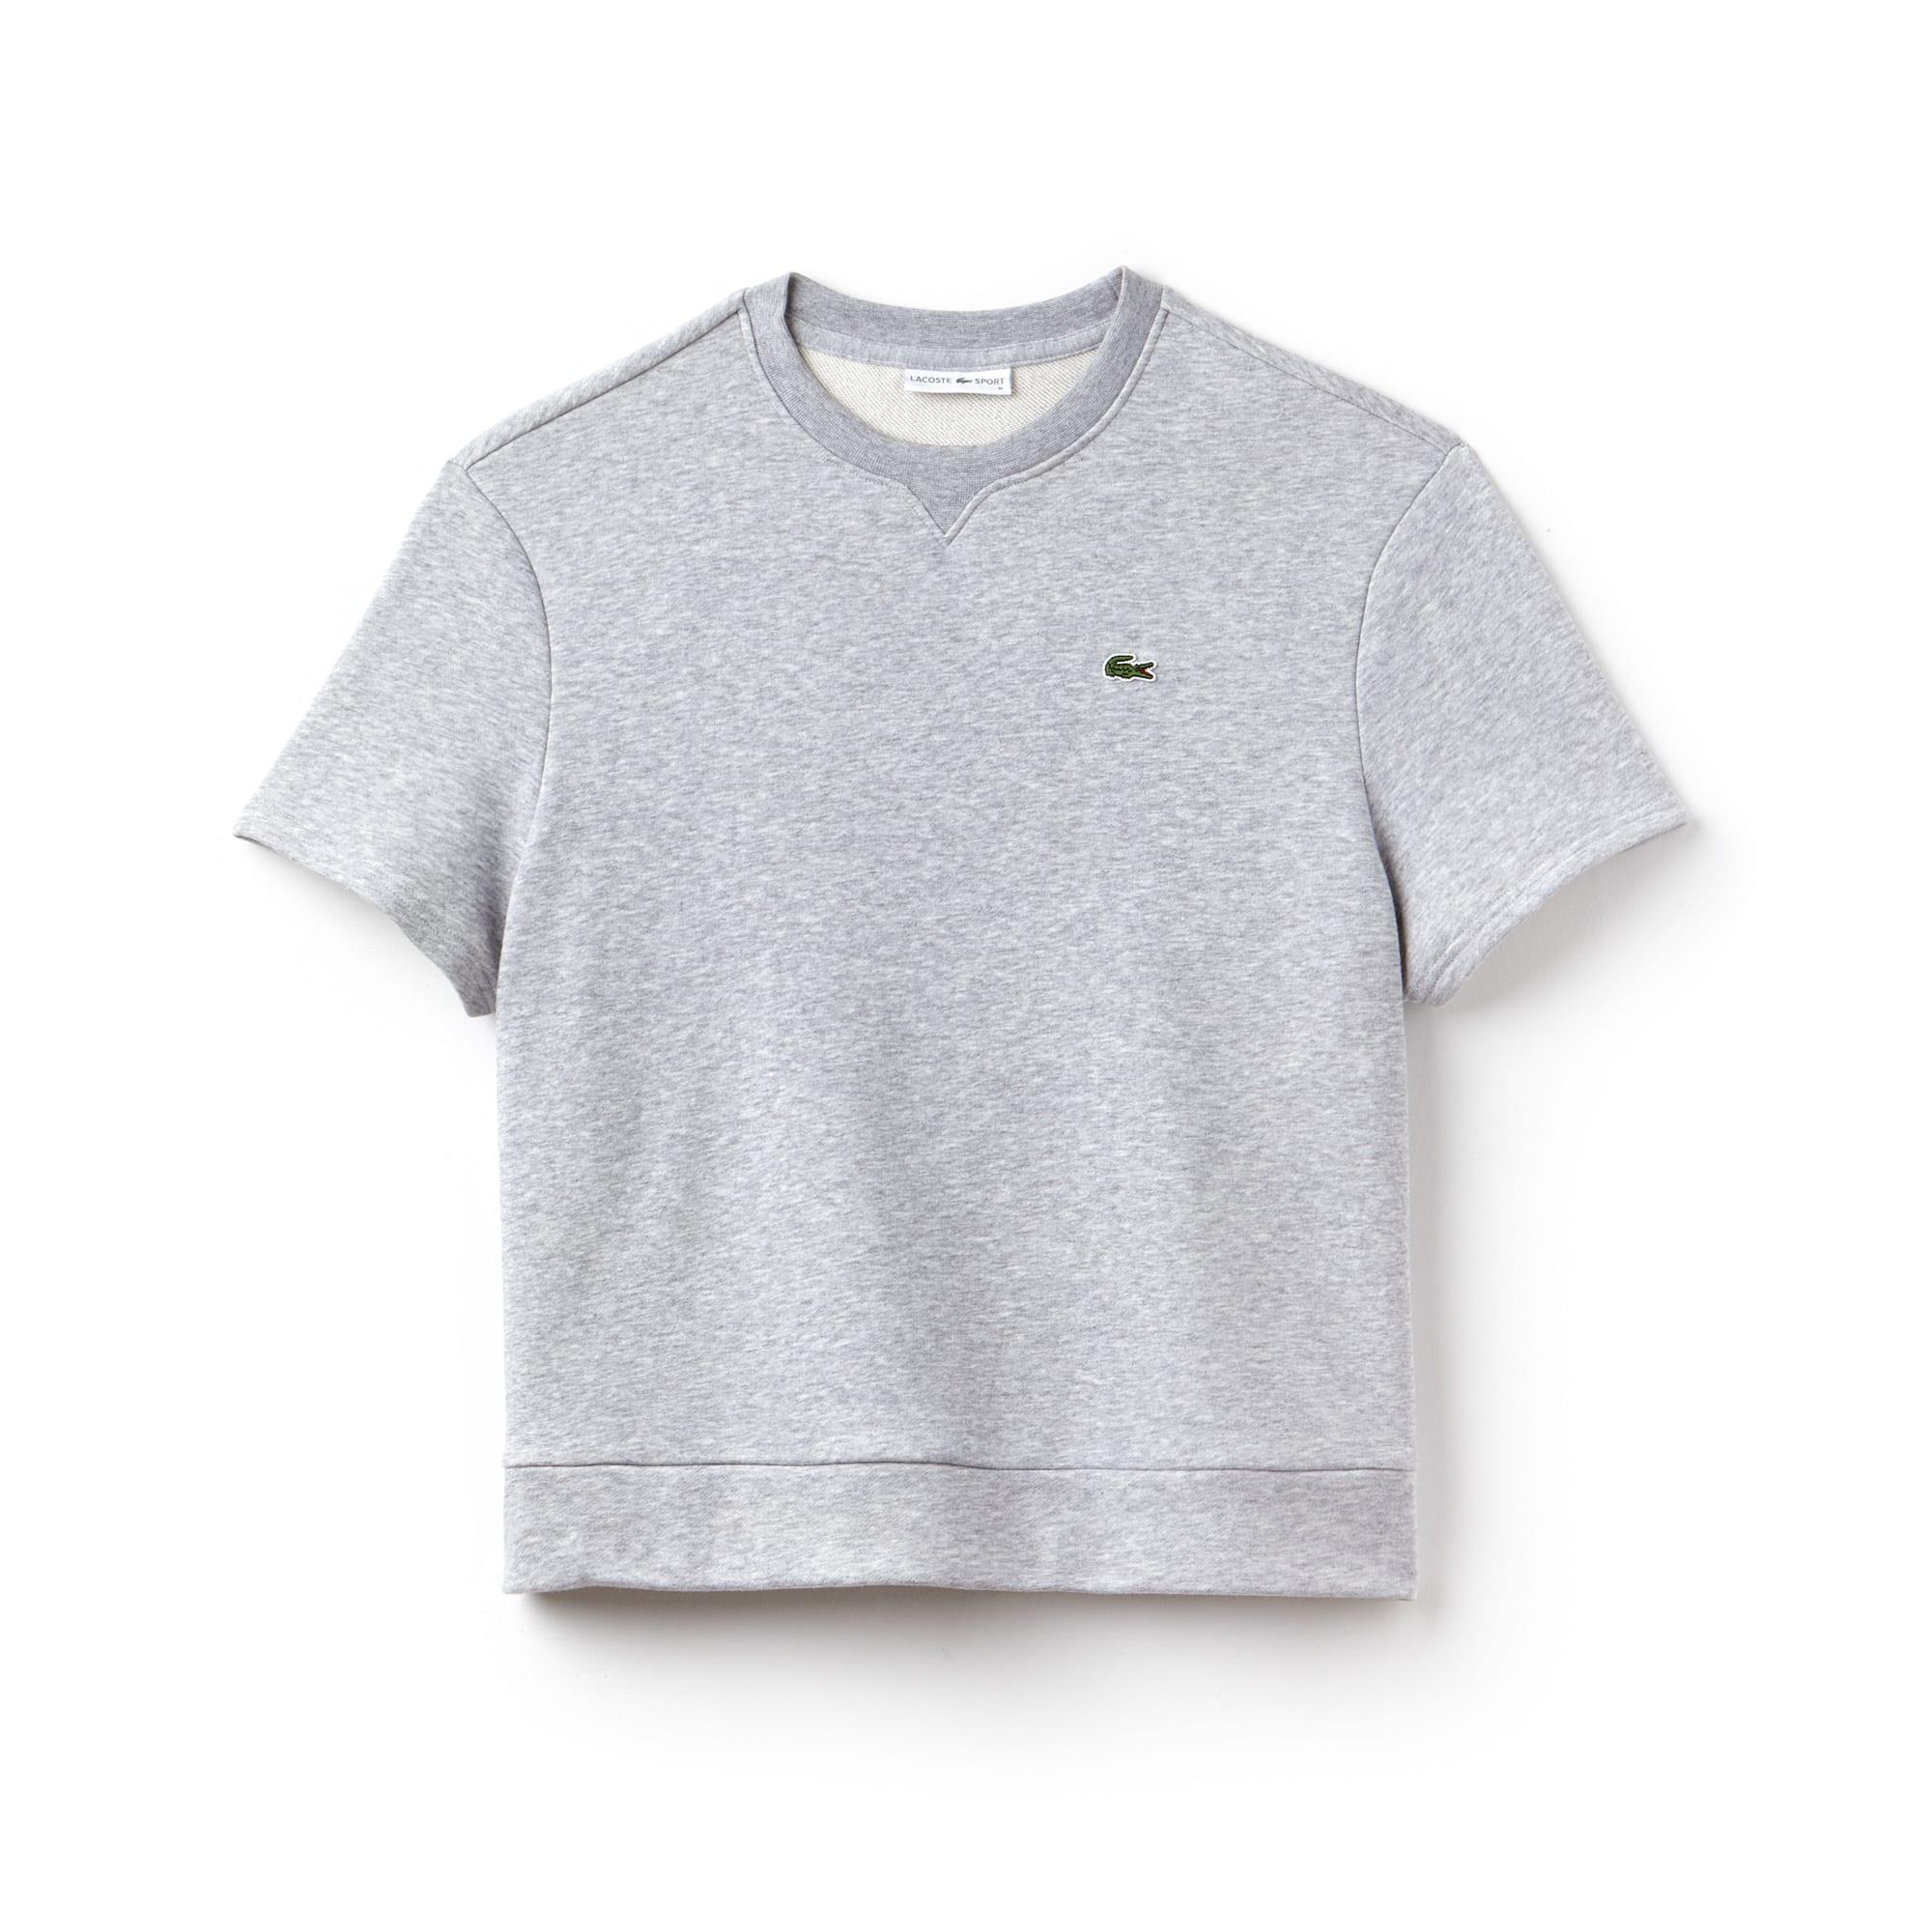 Sweatshirt à manches courtes Tennis Lacoste SPORT en molleton uni